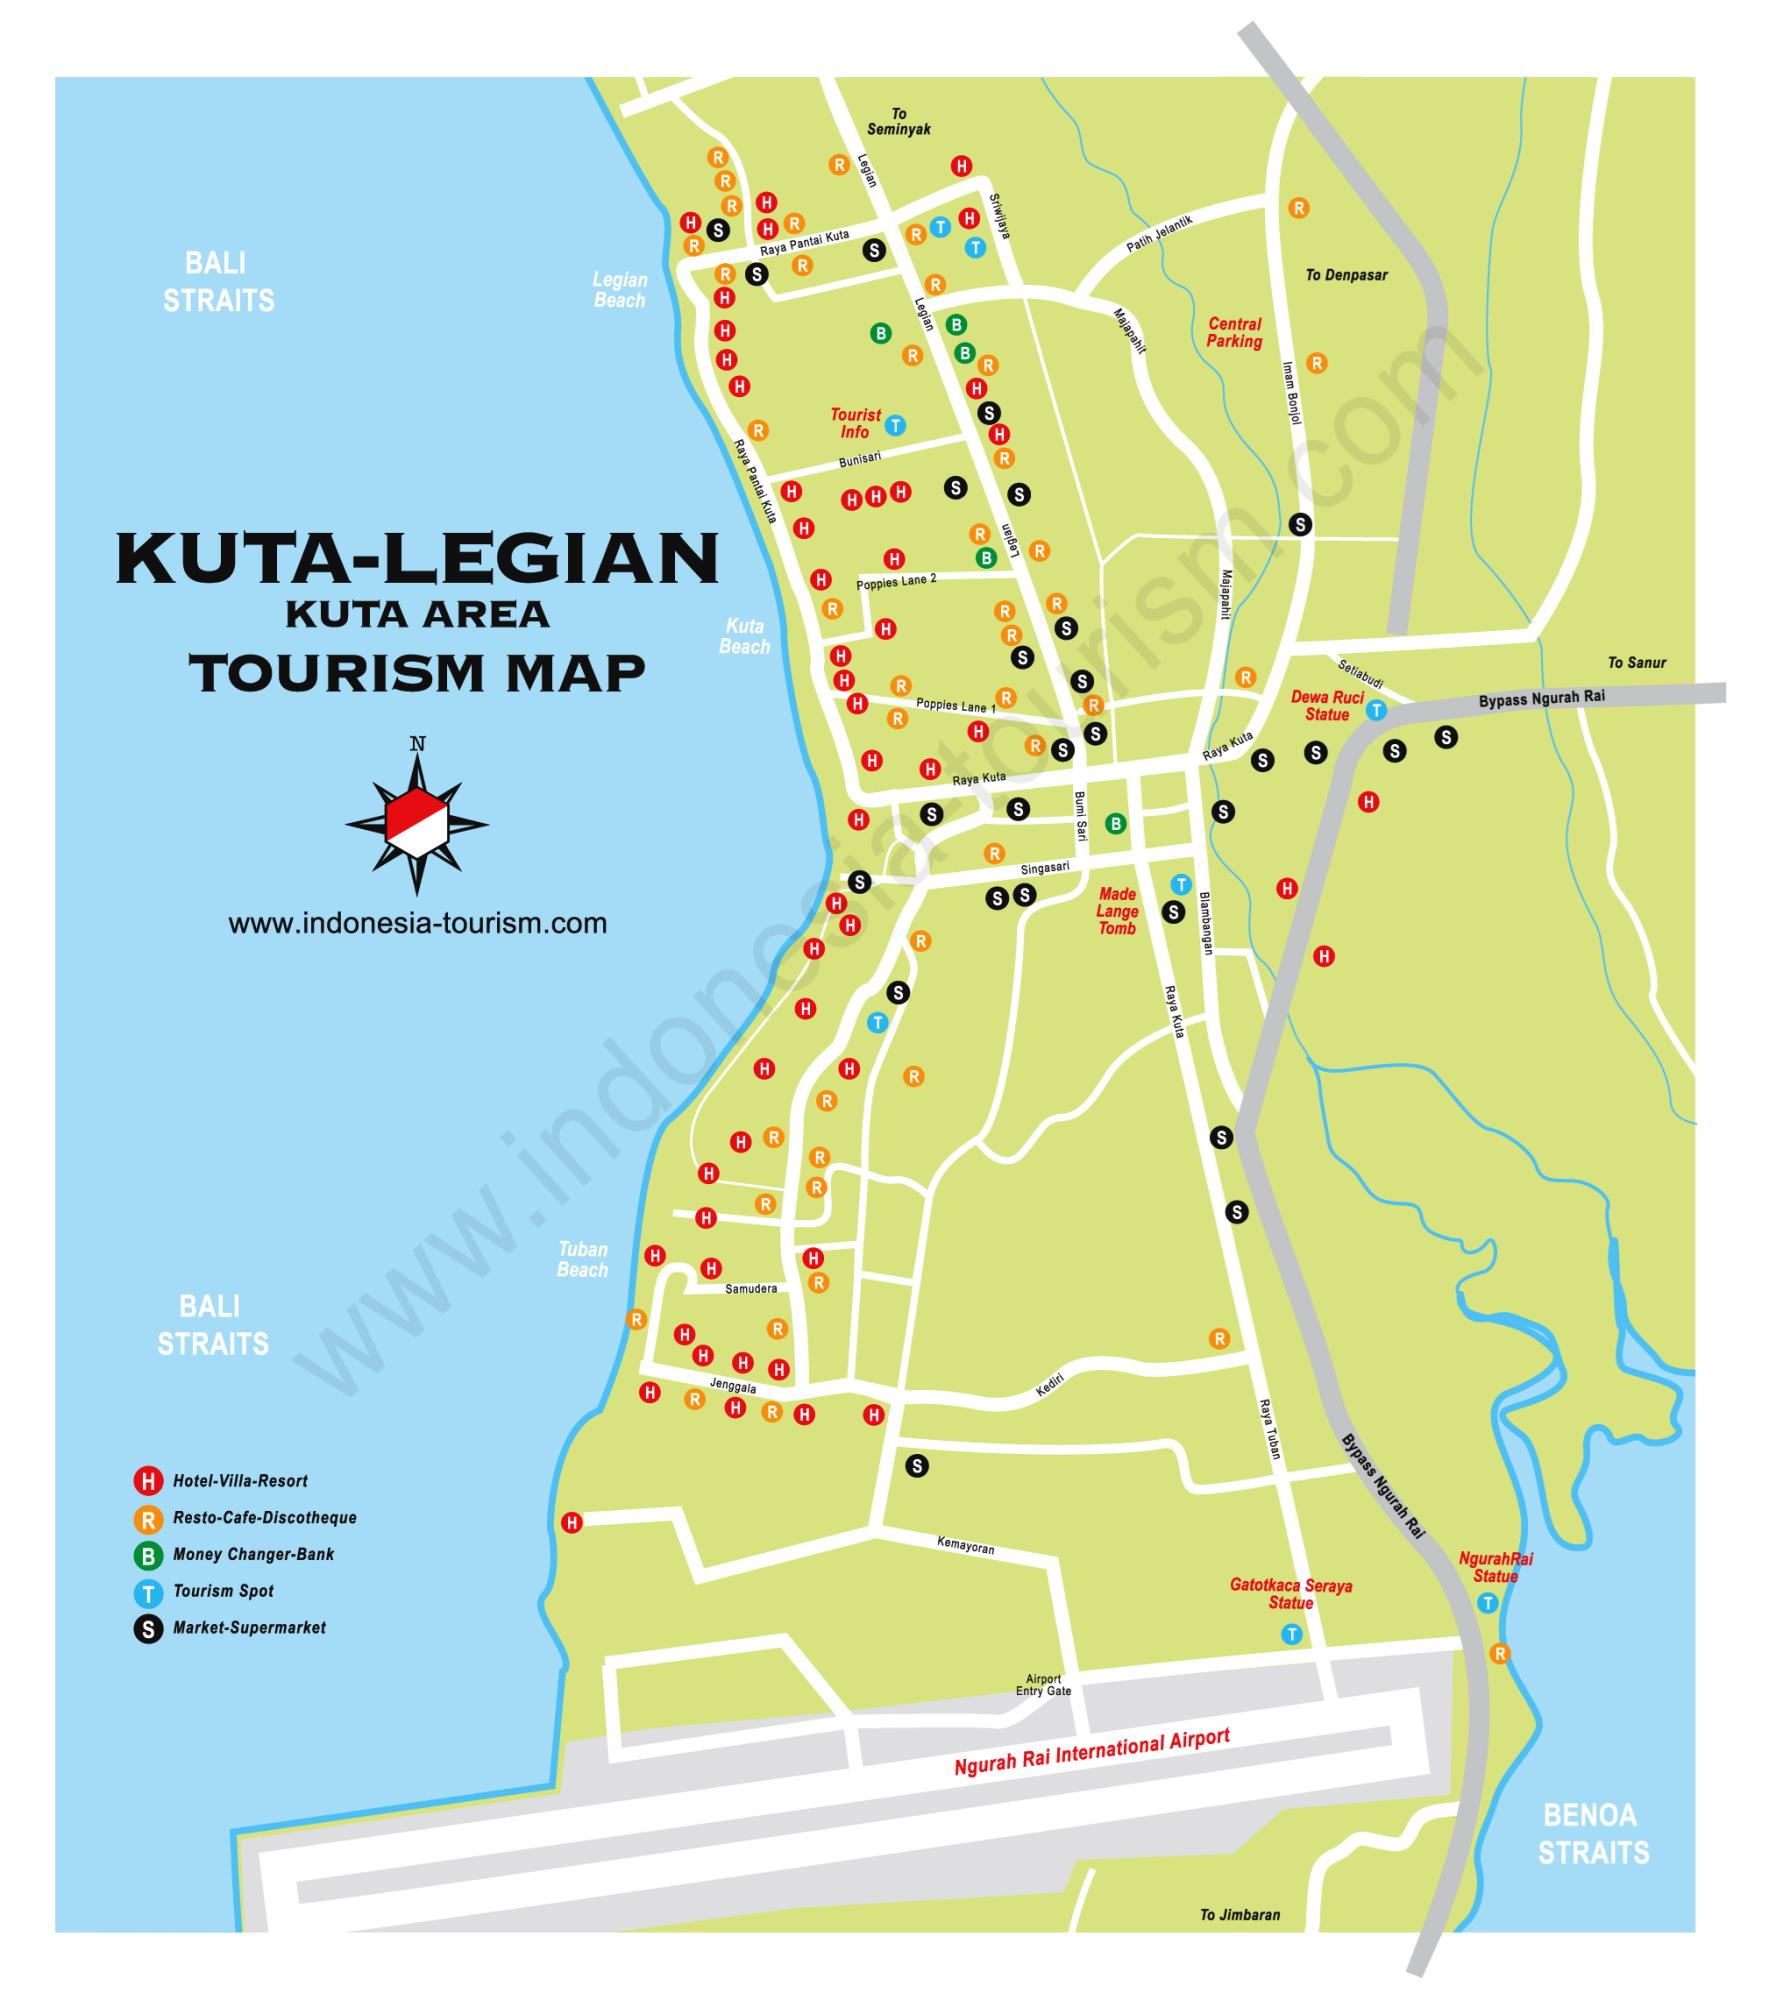 Carte Bali Legian.Carte De Kuta Et Legian Au Sud De Bali En Indonesie